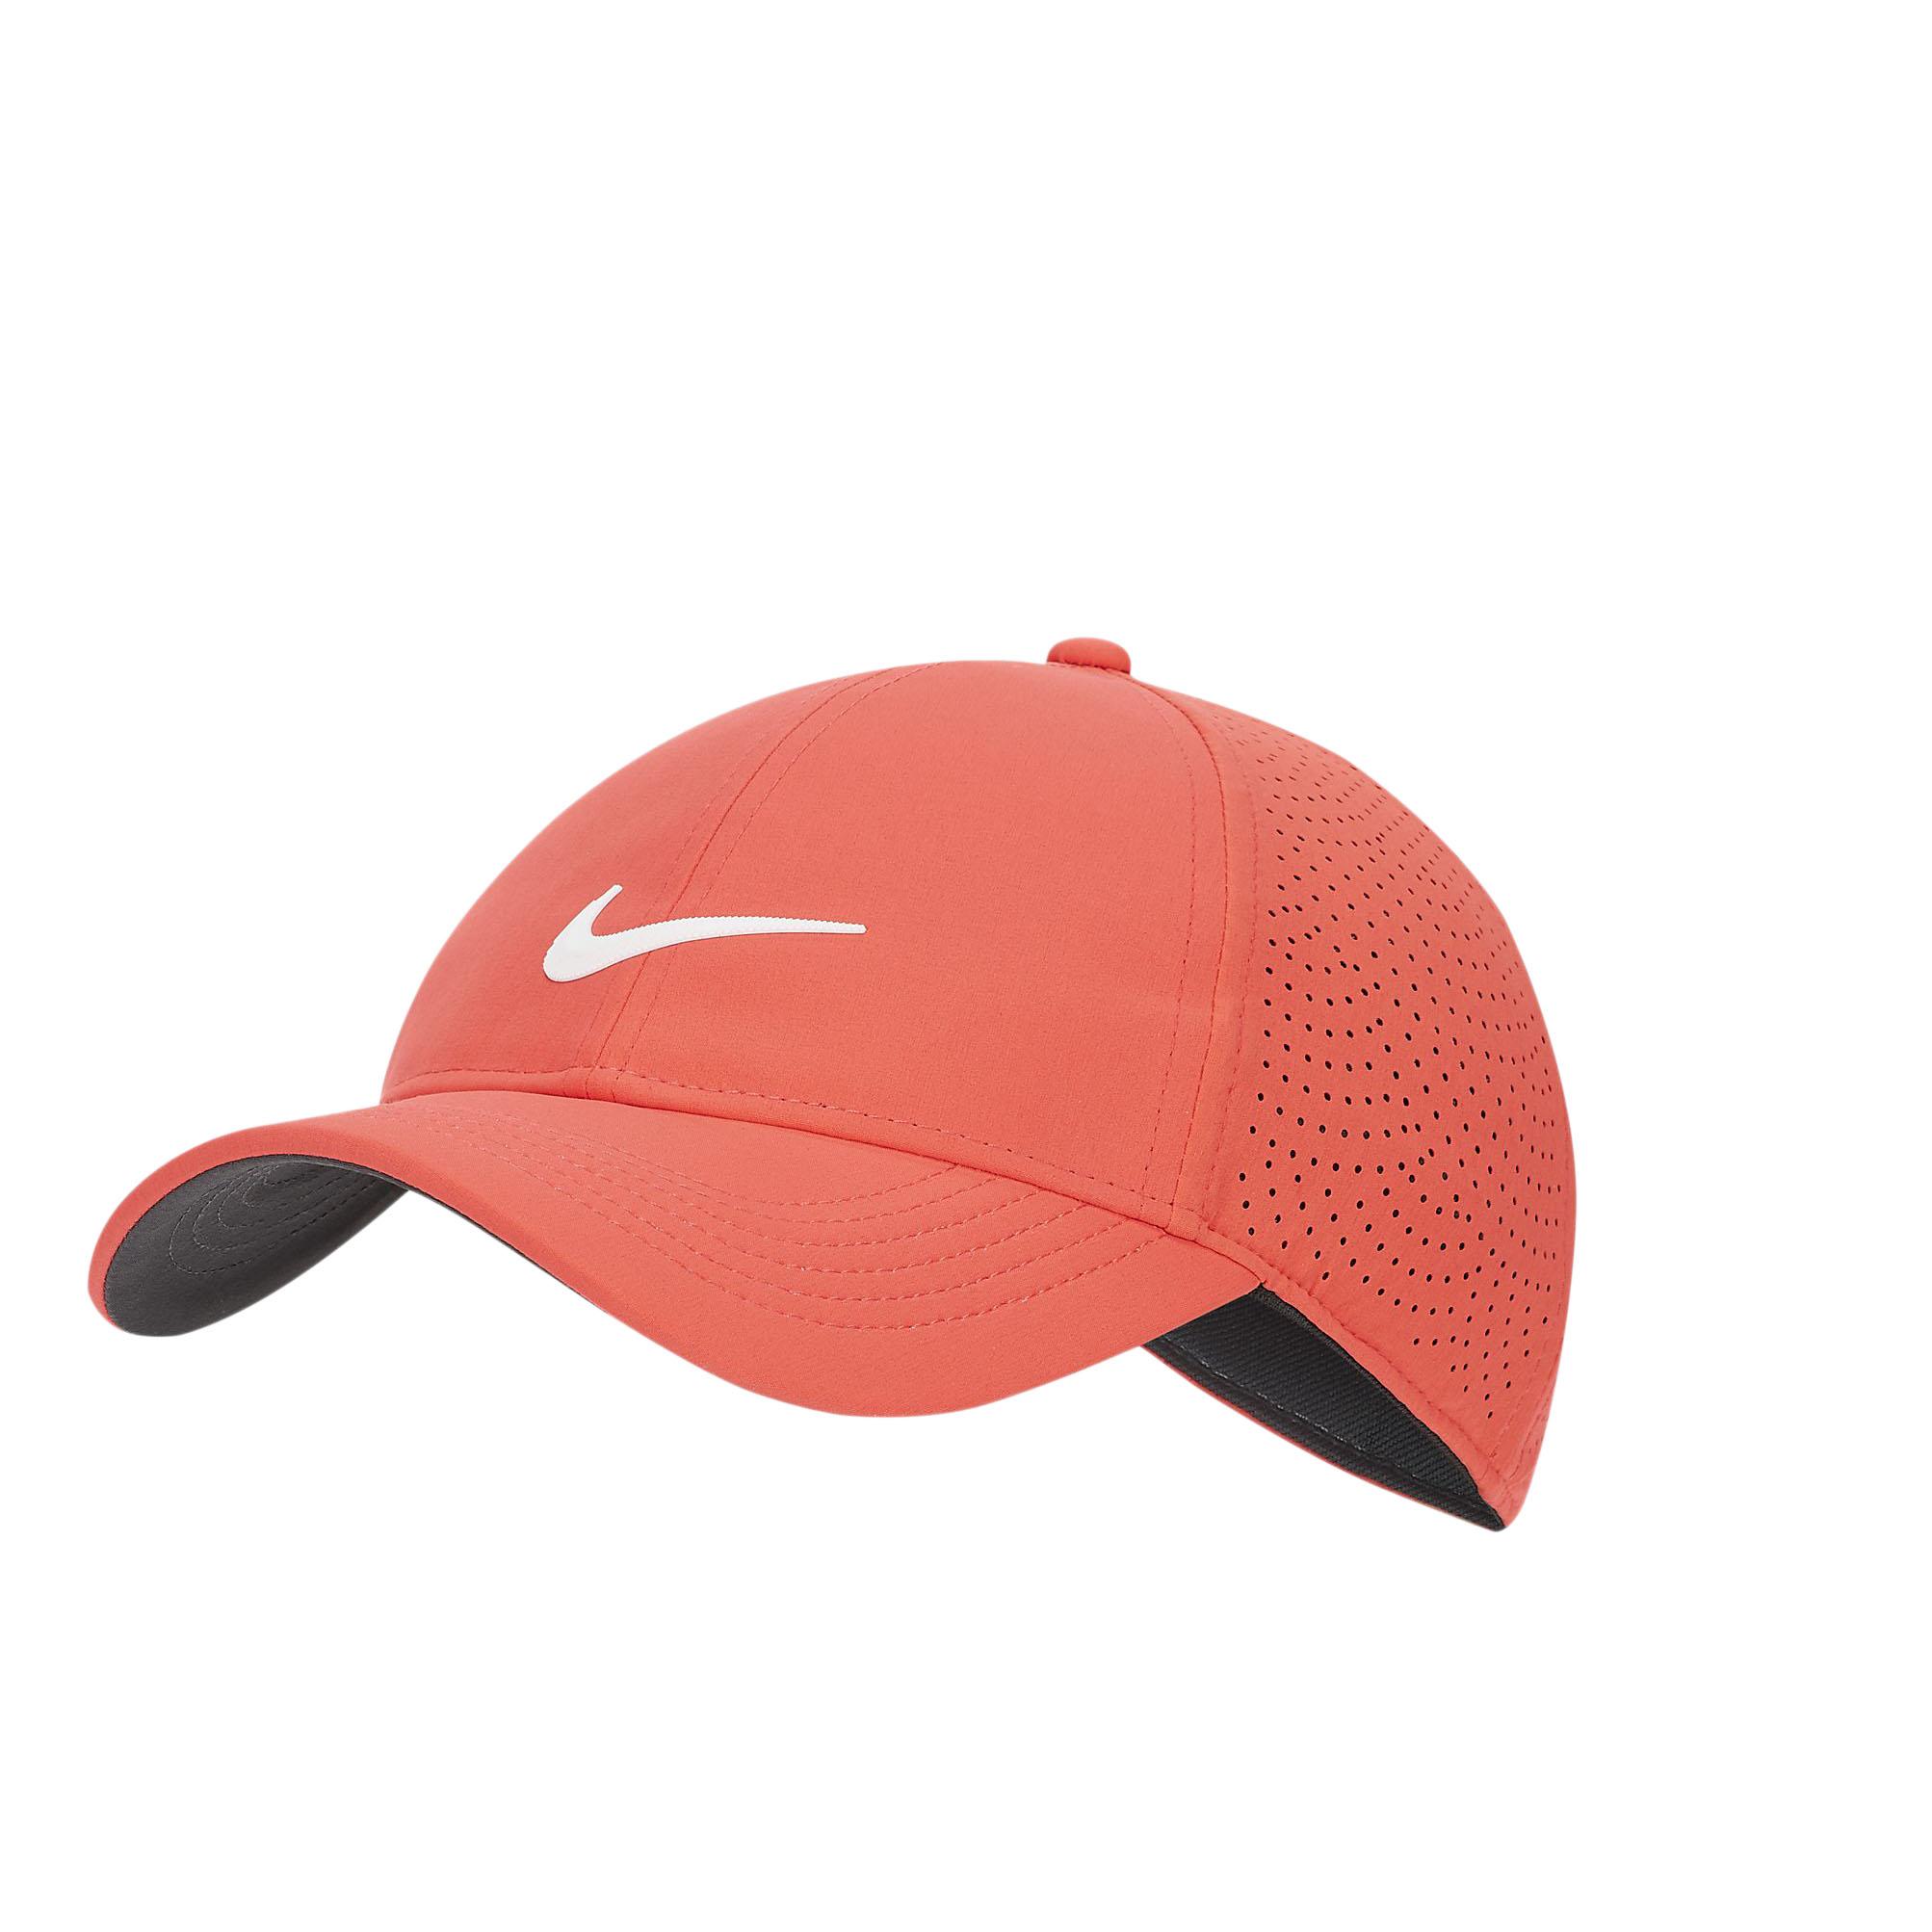 Imagem - Boné Nike Aerobill Heritage86 Esportivo